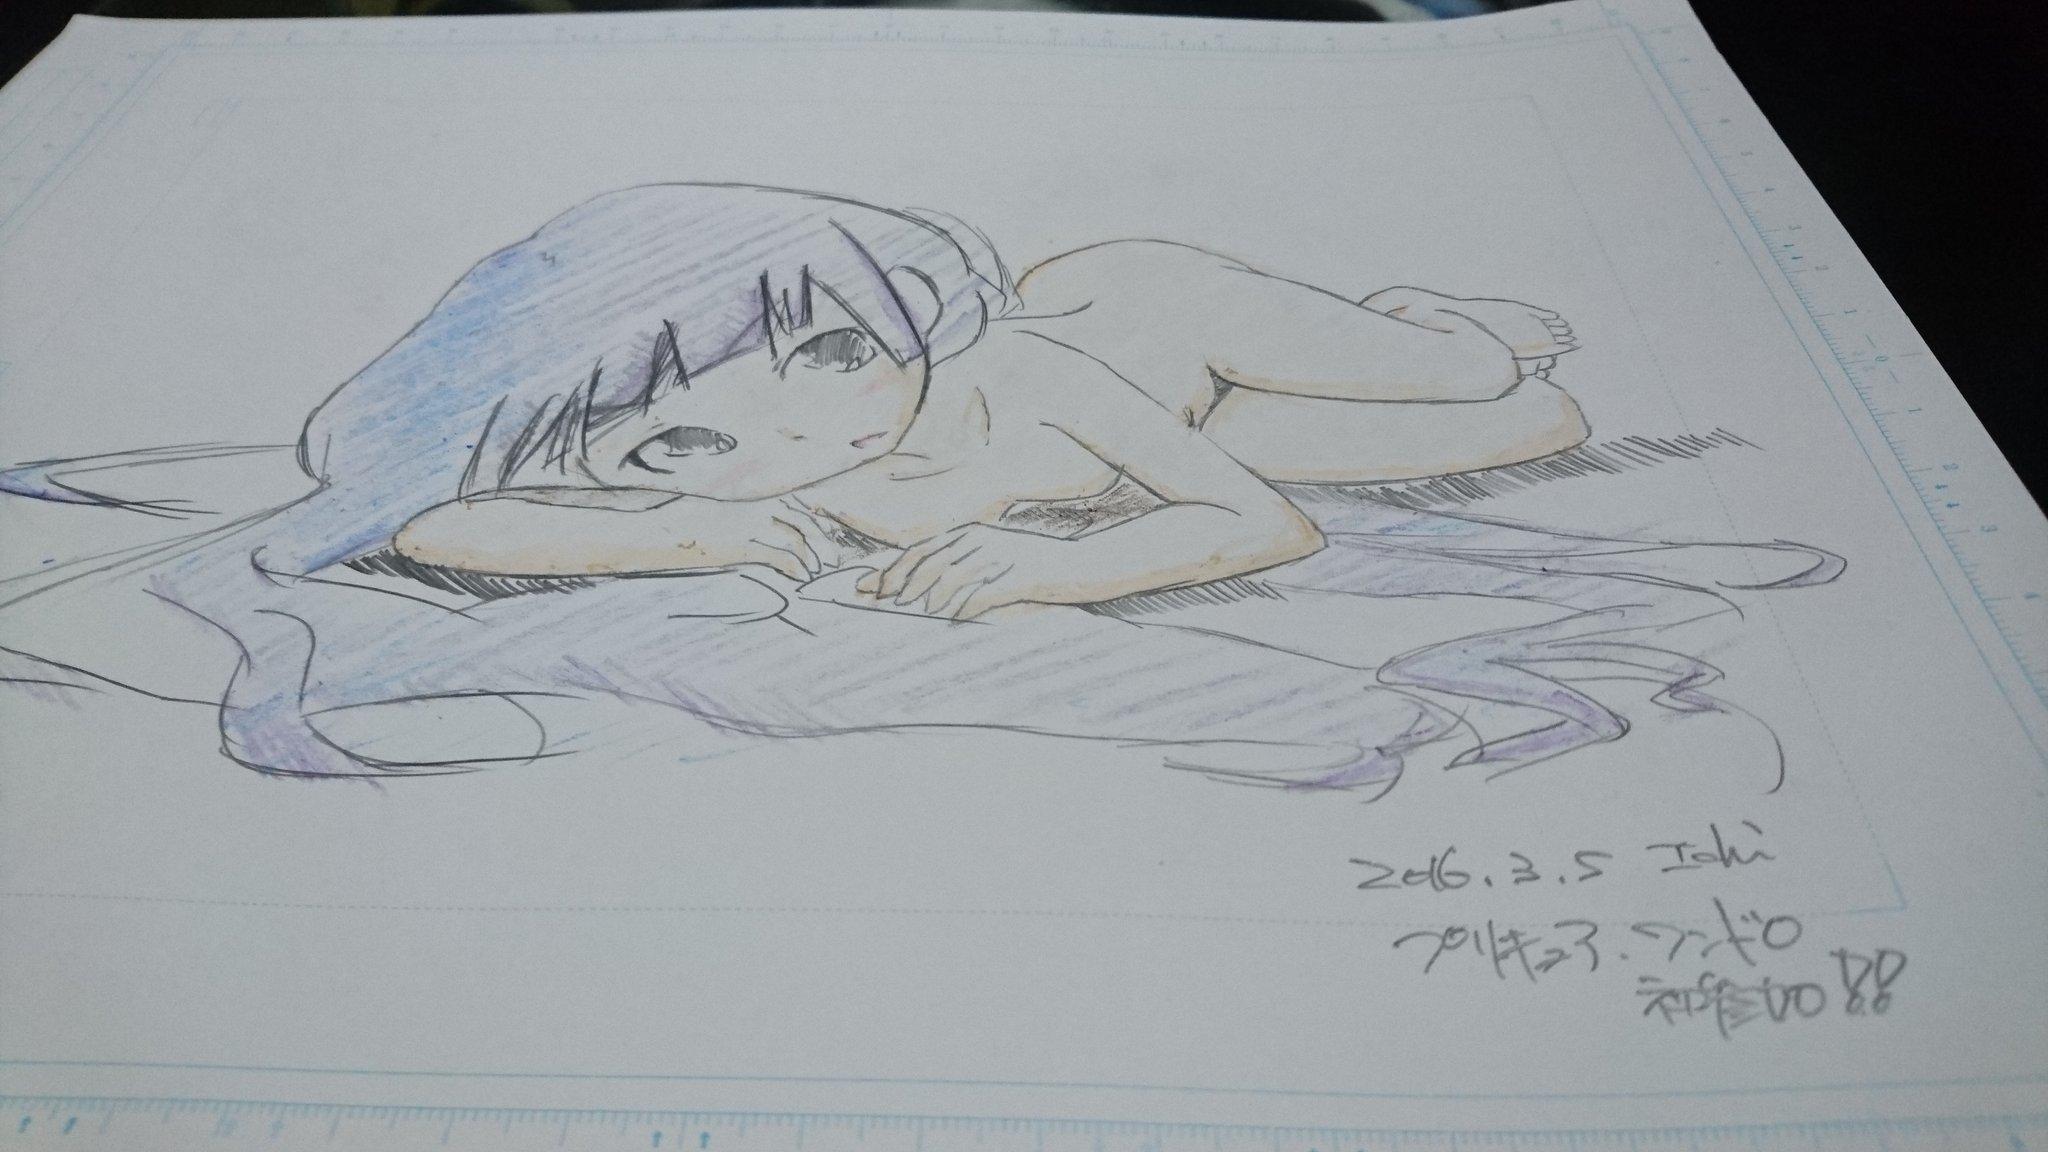 いちちゃんさま@おっさん (@Ichi_chansama)さんのイラスト